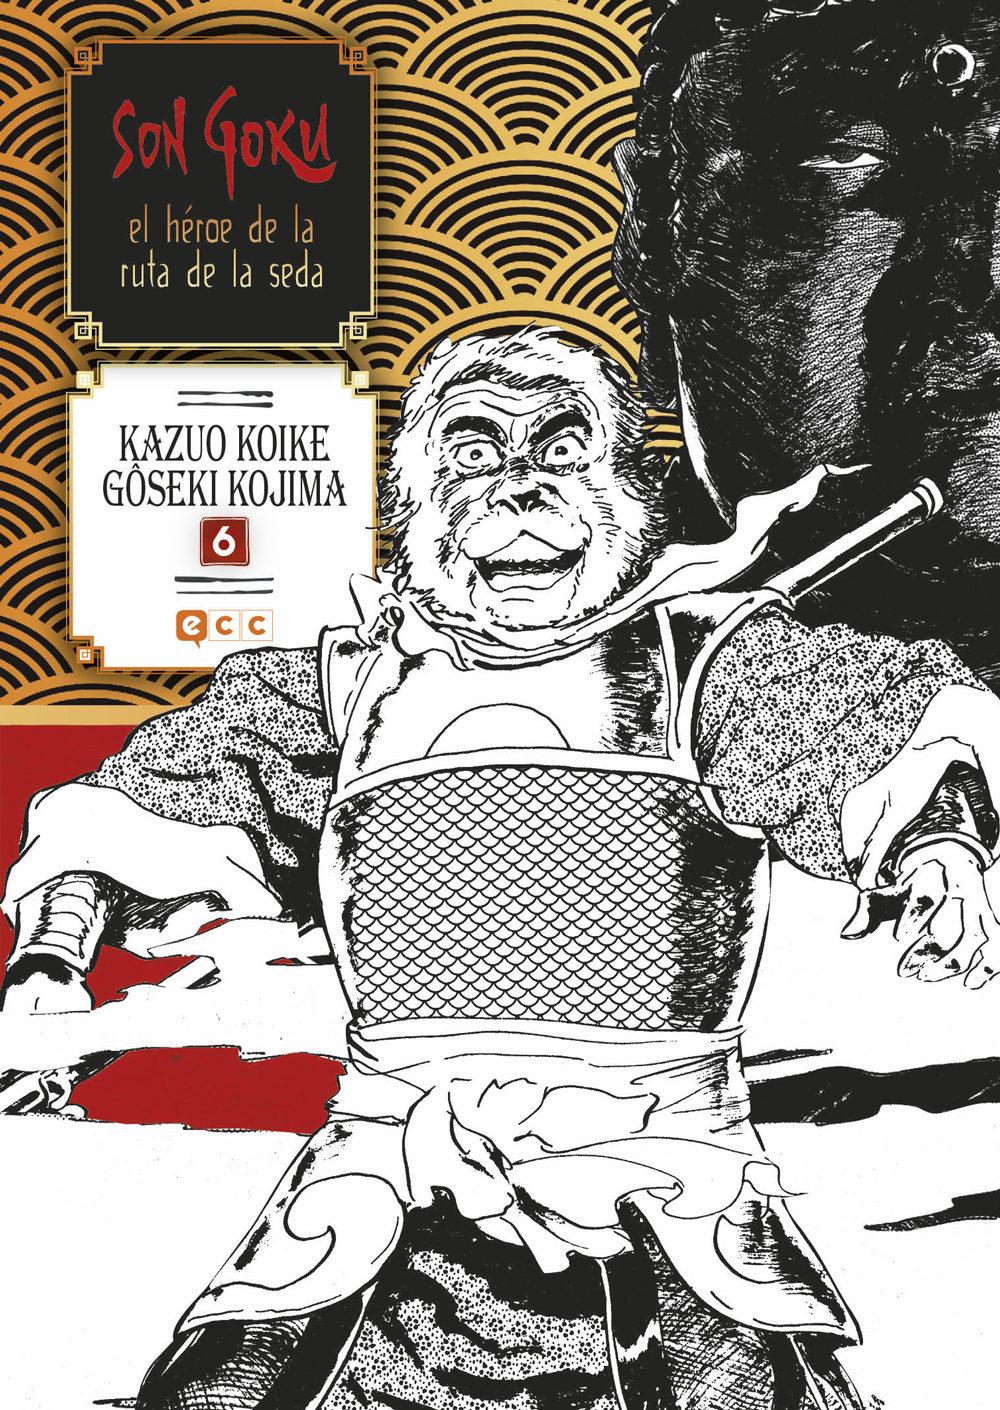 Son Goku El Héroe De La Ruta De La Seda Núm. 06 (de 6) - Koike Kazuo